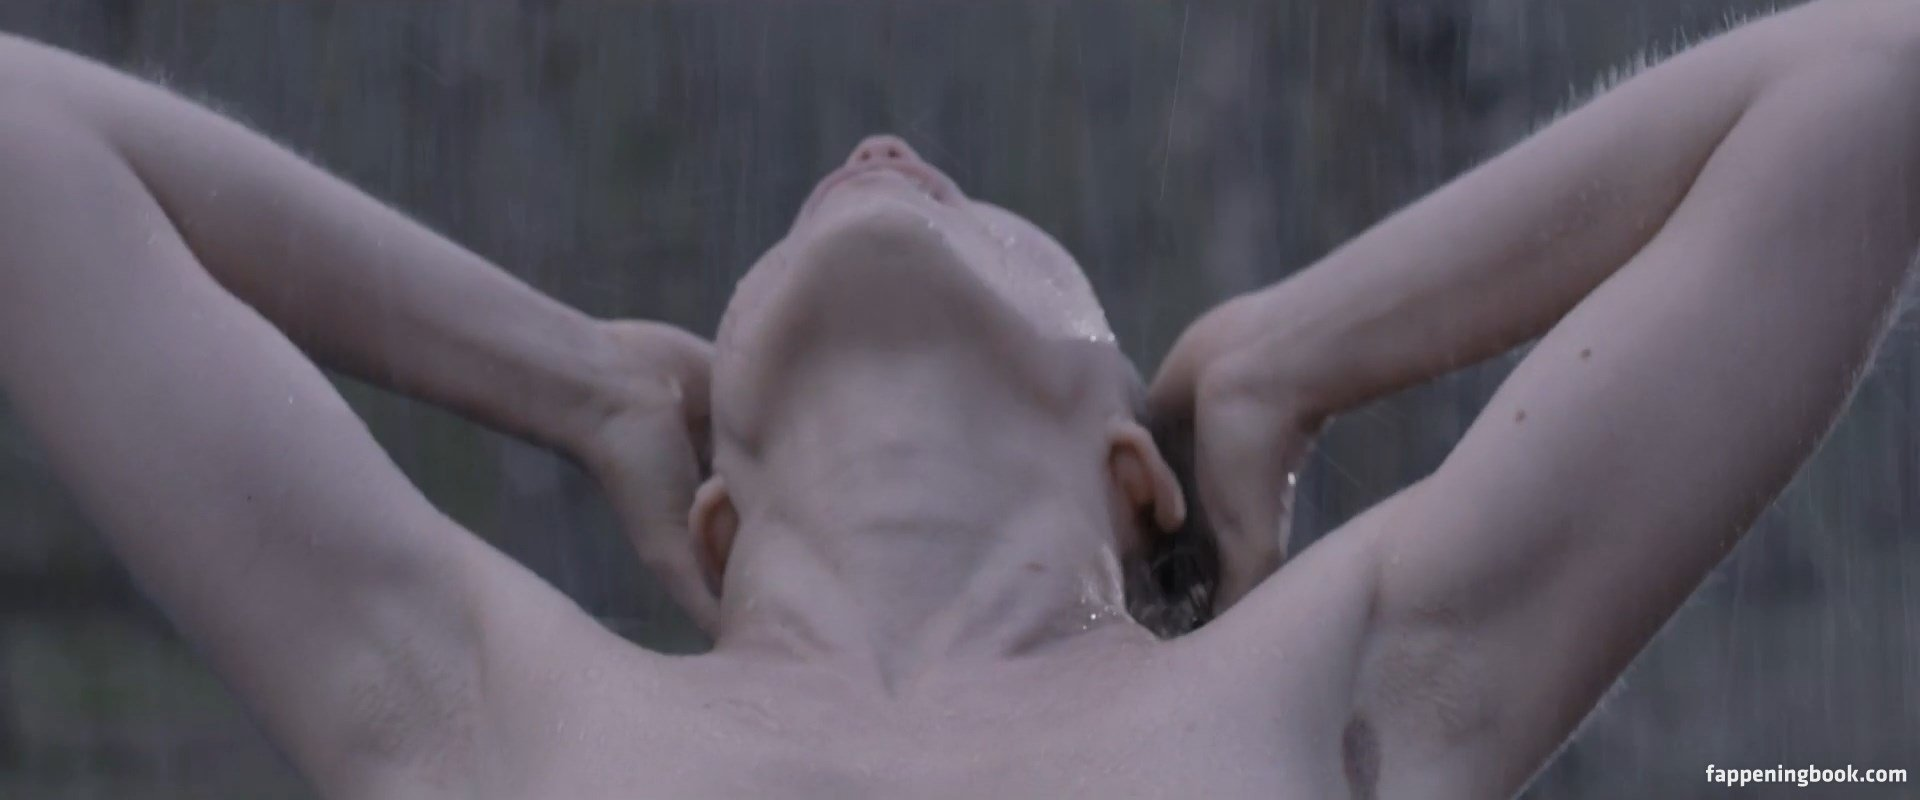 Sabrina lange nude